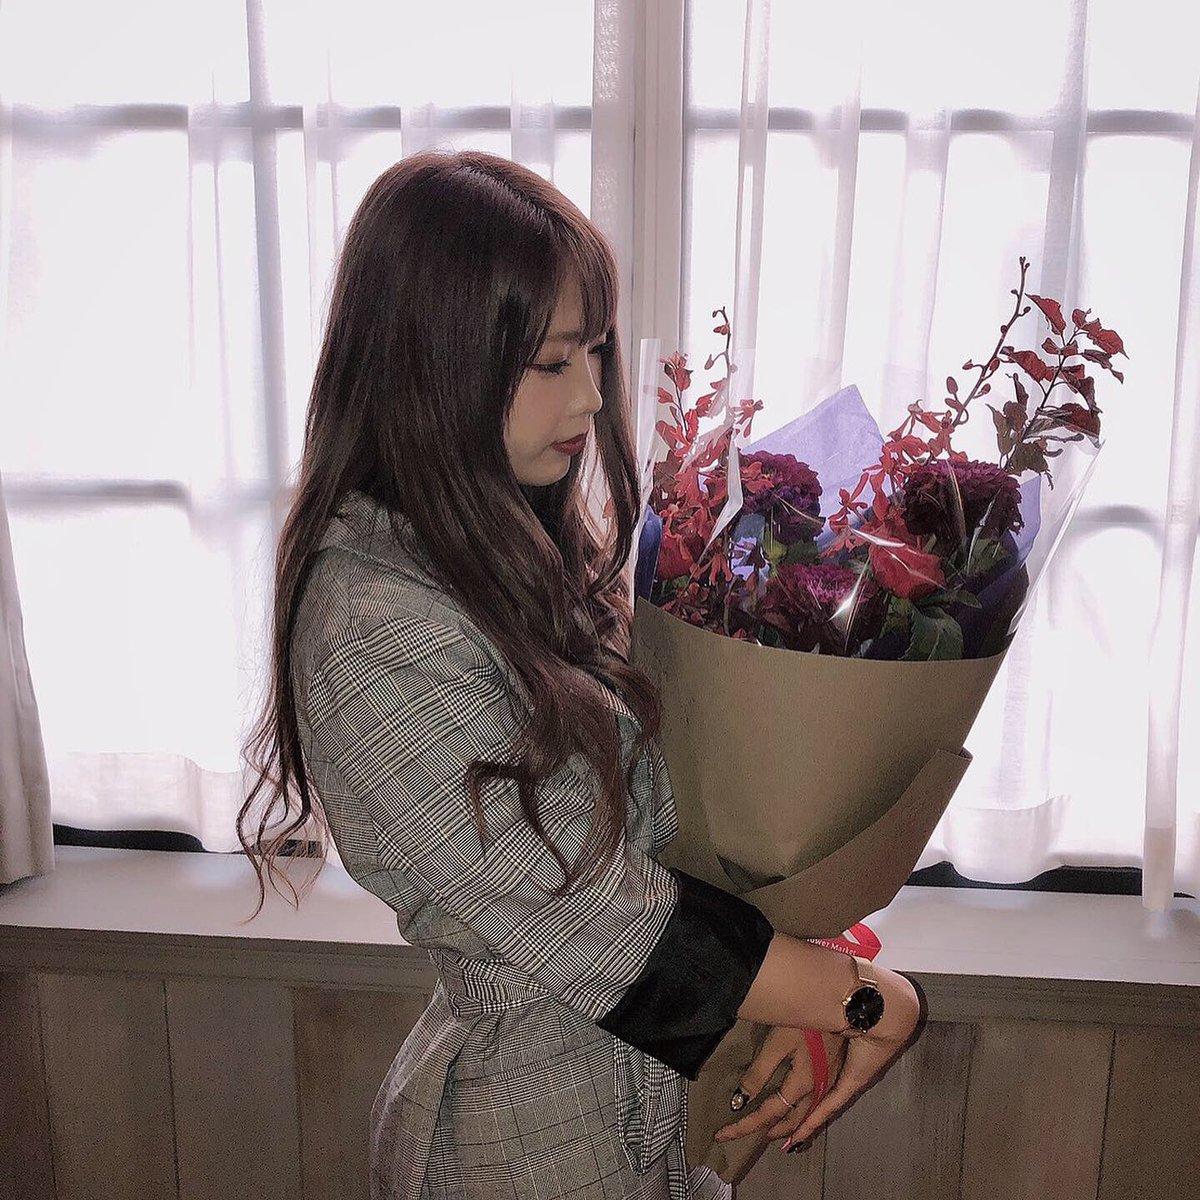 のあくんからの花束…💐かっこいいよね   幸せ。